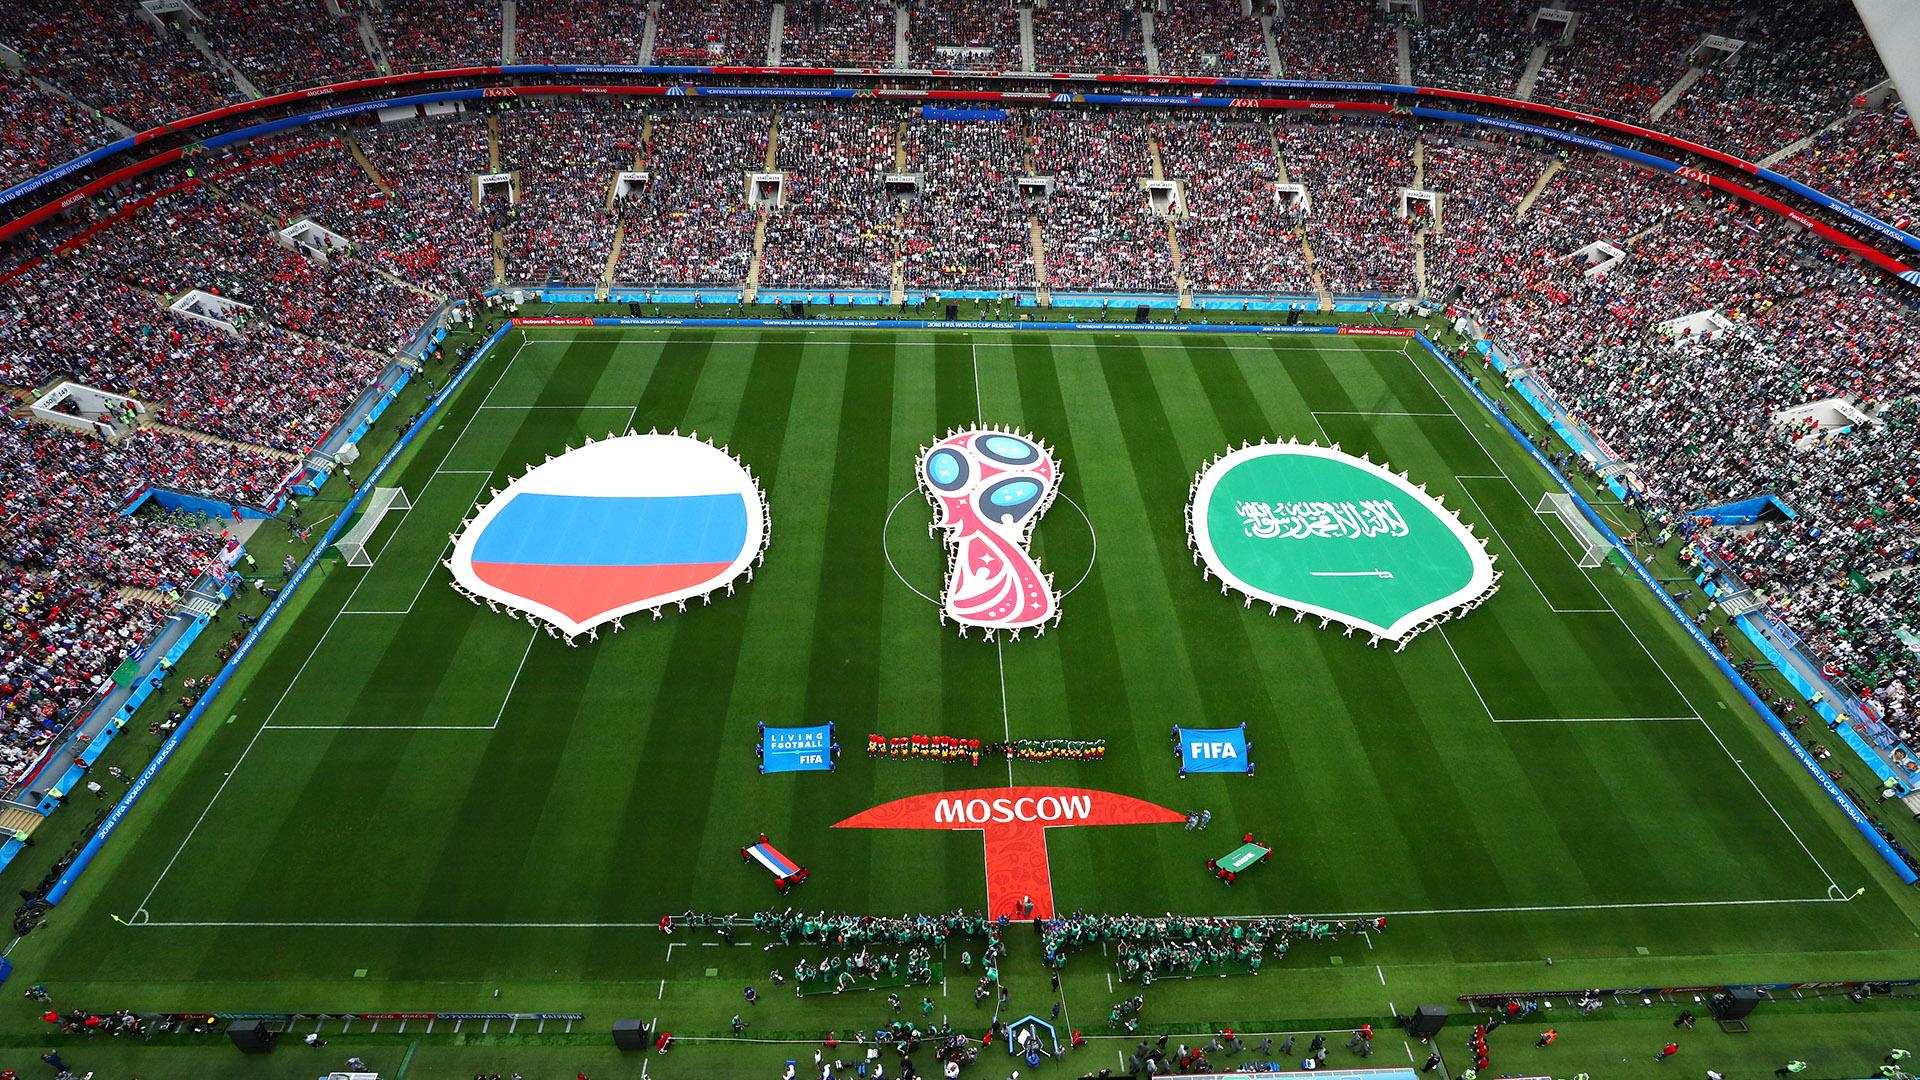 El Estadio Olímpico Kluzhniki y la ceremonia del primer partido del Mundial: Rusia, el local, contra Arabia Saudita, la selección dirigida por el técnico argentino Juan Antonio Pizzi (REUTERS/Carl Recine)